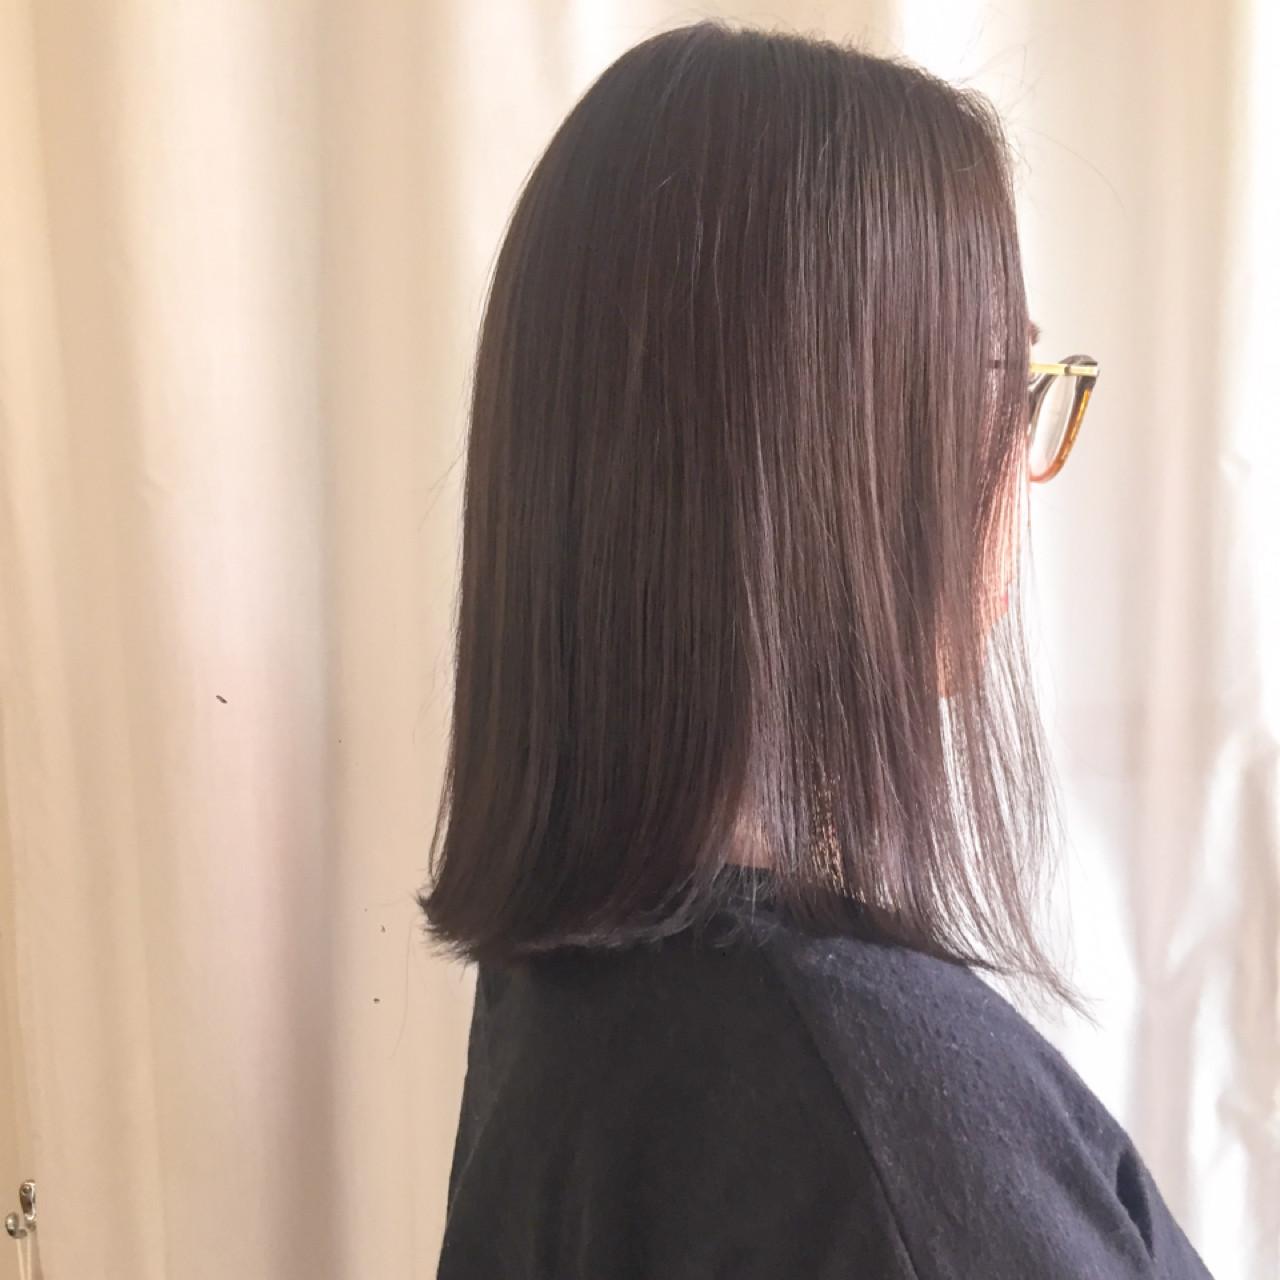 アッシュベージュ ロブ ナチュラル ミディアム ヘアスタイルや髪型の写真・画像 | 岩城 浩子 / figue hair